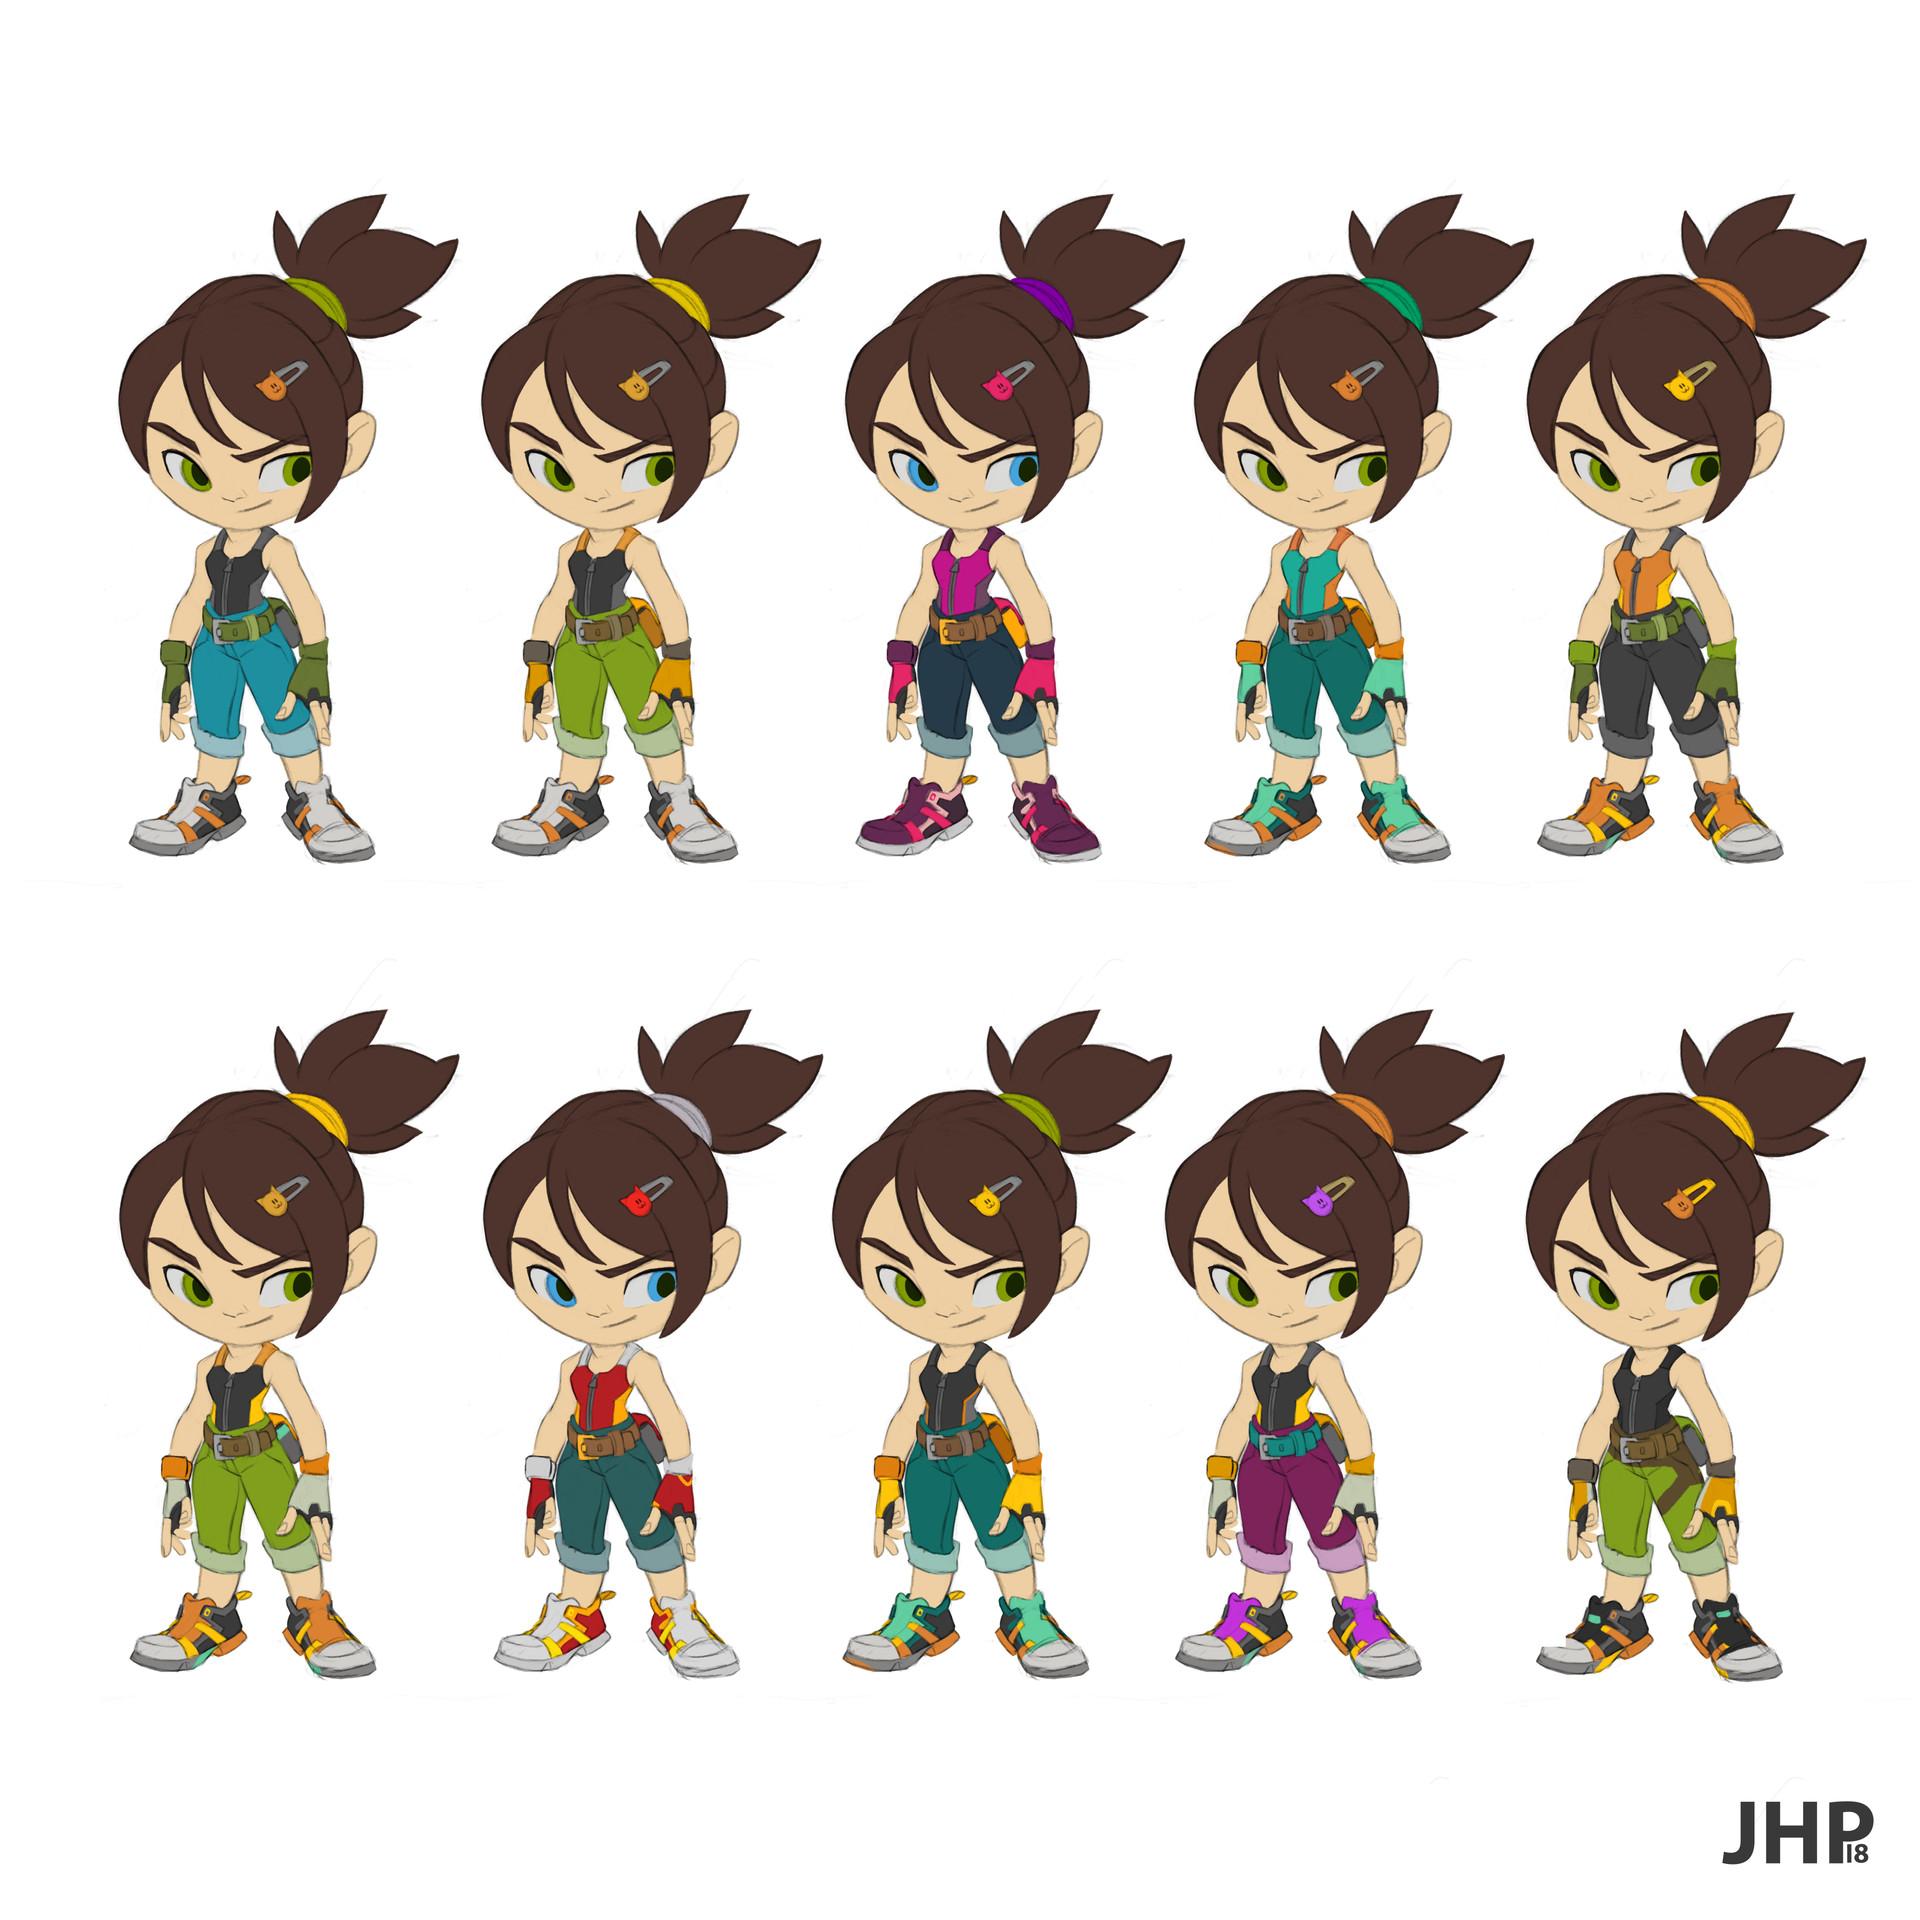 Joao henrique pacheco mecha girl concept cores